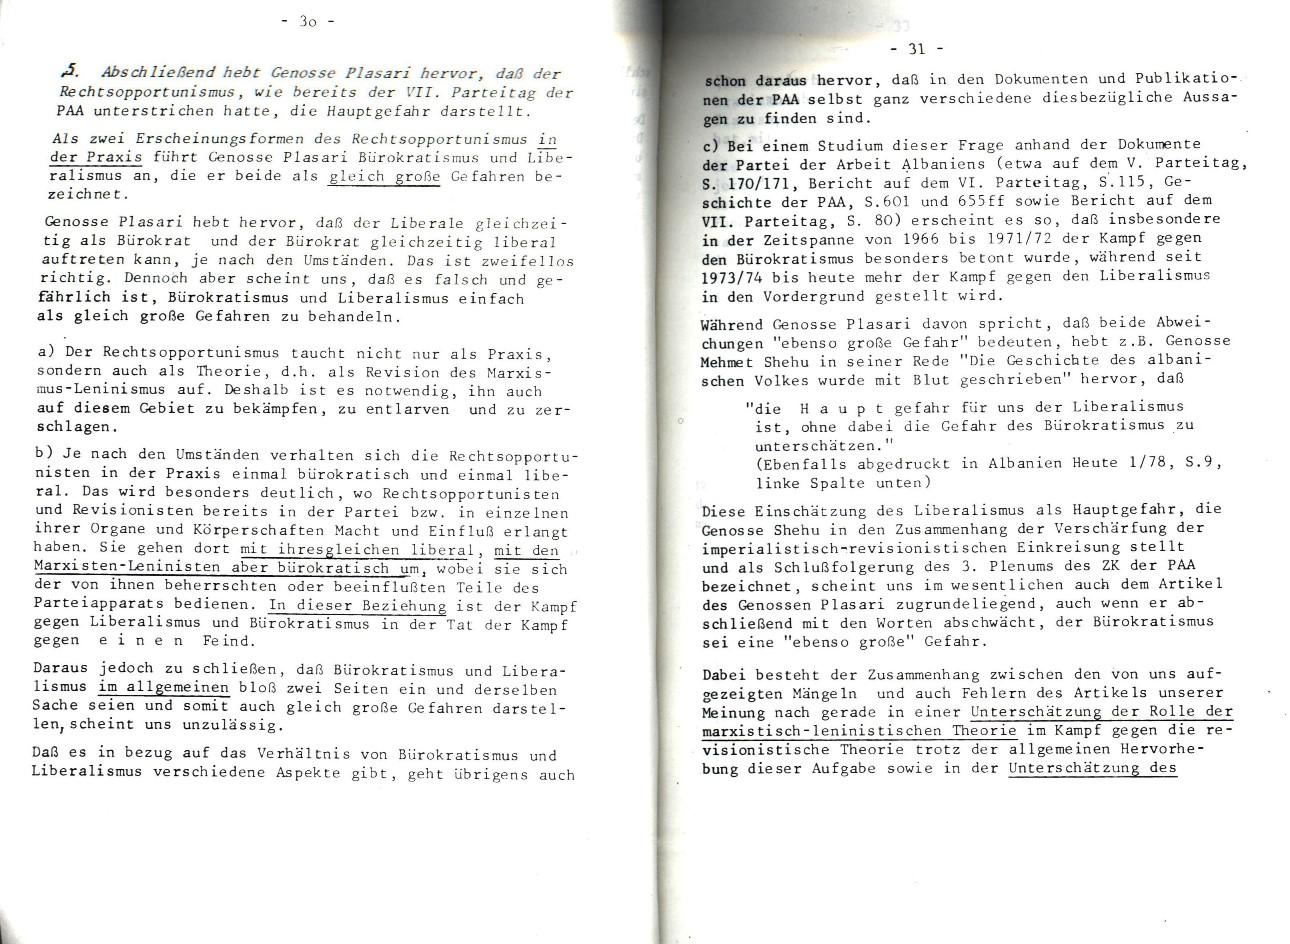 MLSK_Theorie_und_Praxis_des_ML_1979_25_16